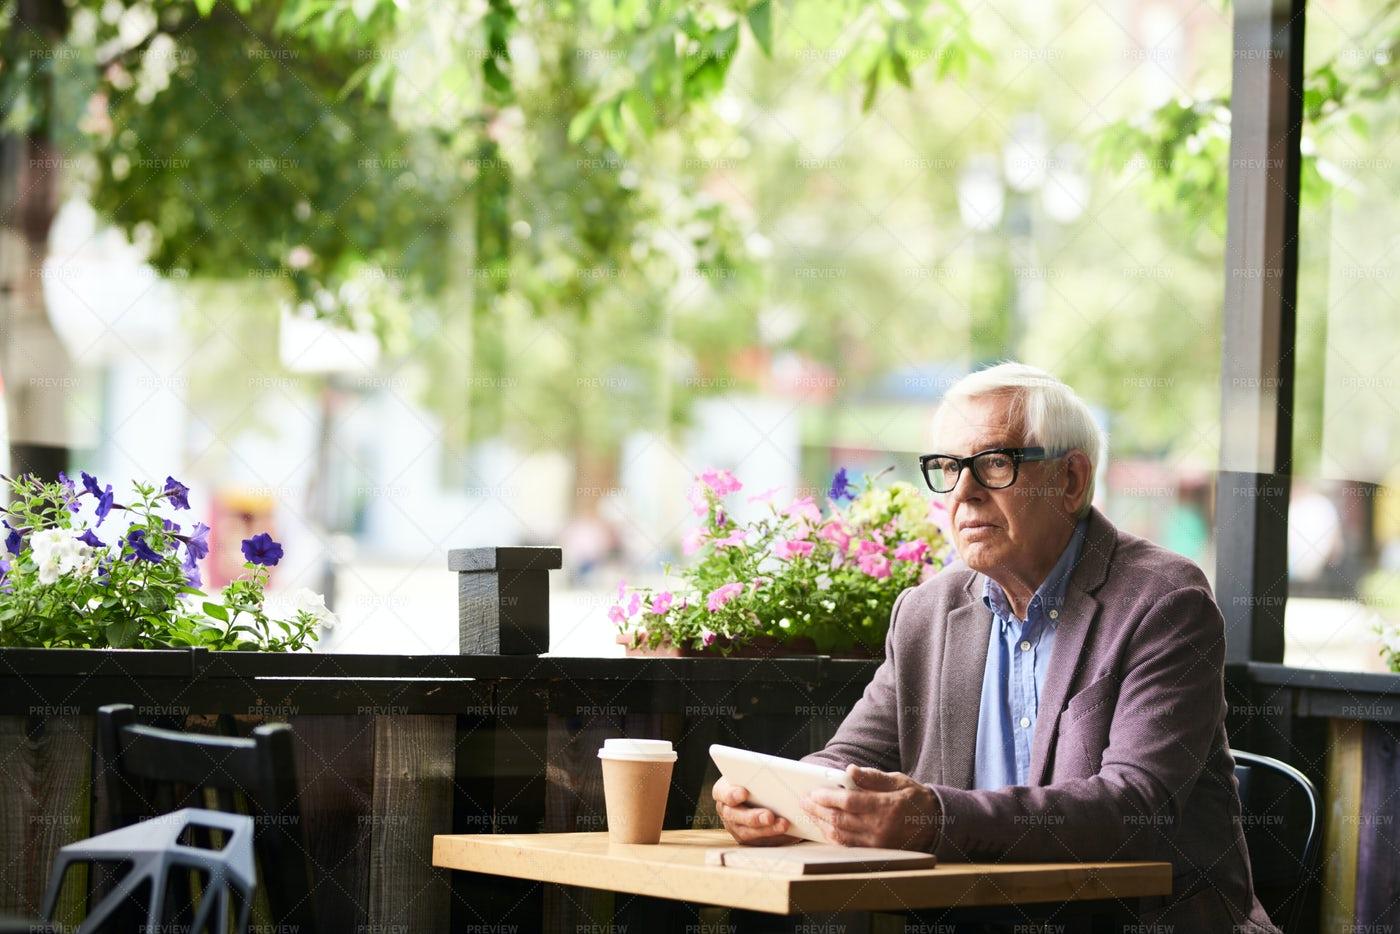 Pensive Senior Man In Cafe Outdoors: Stock Photos